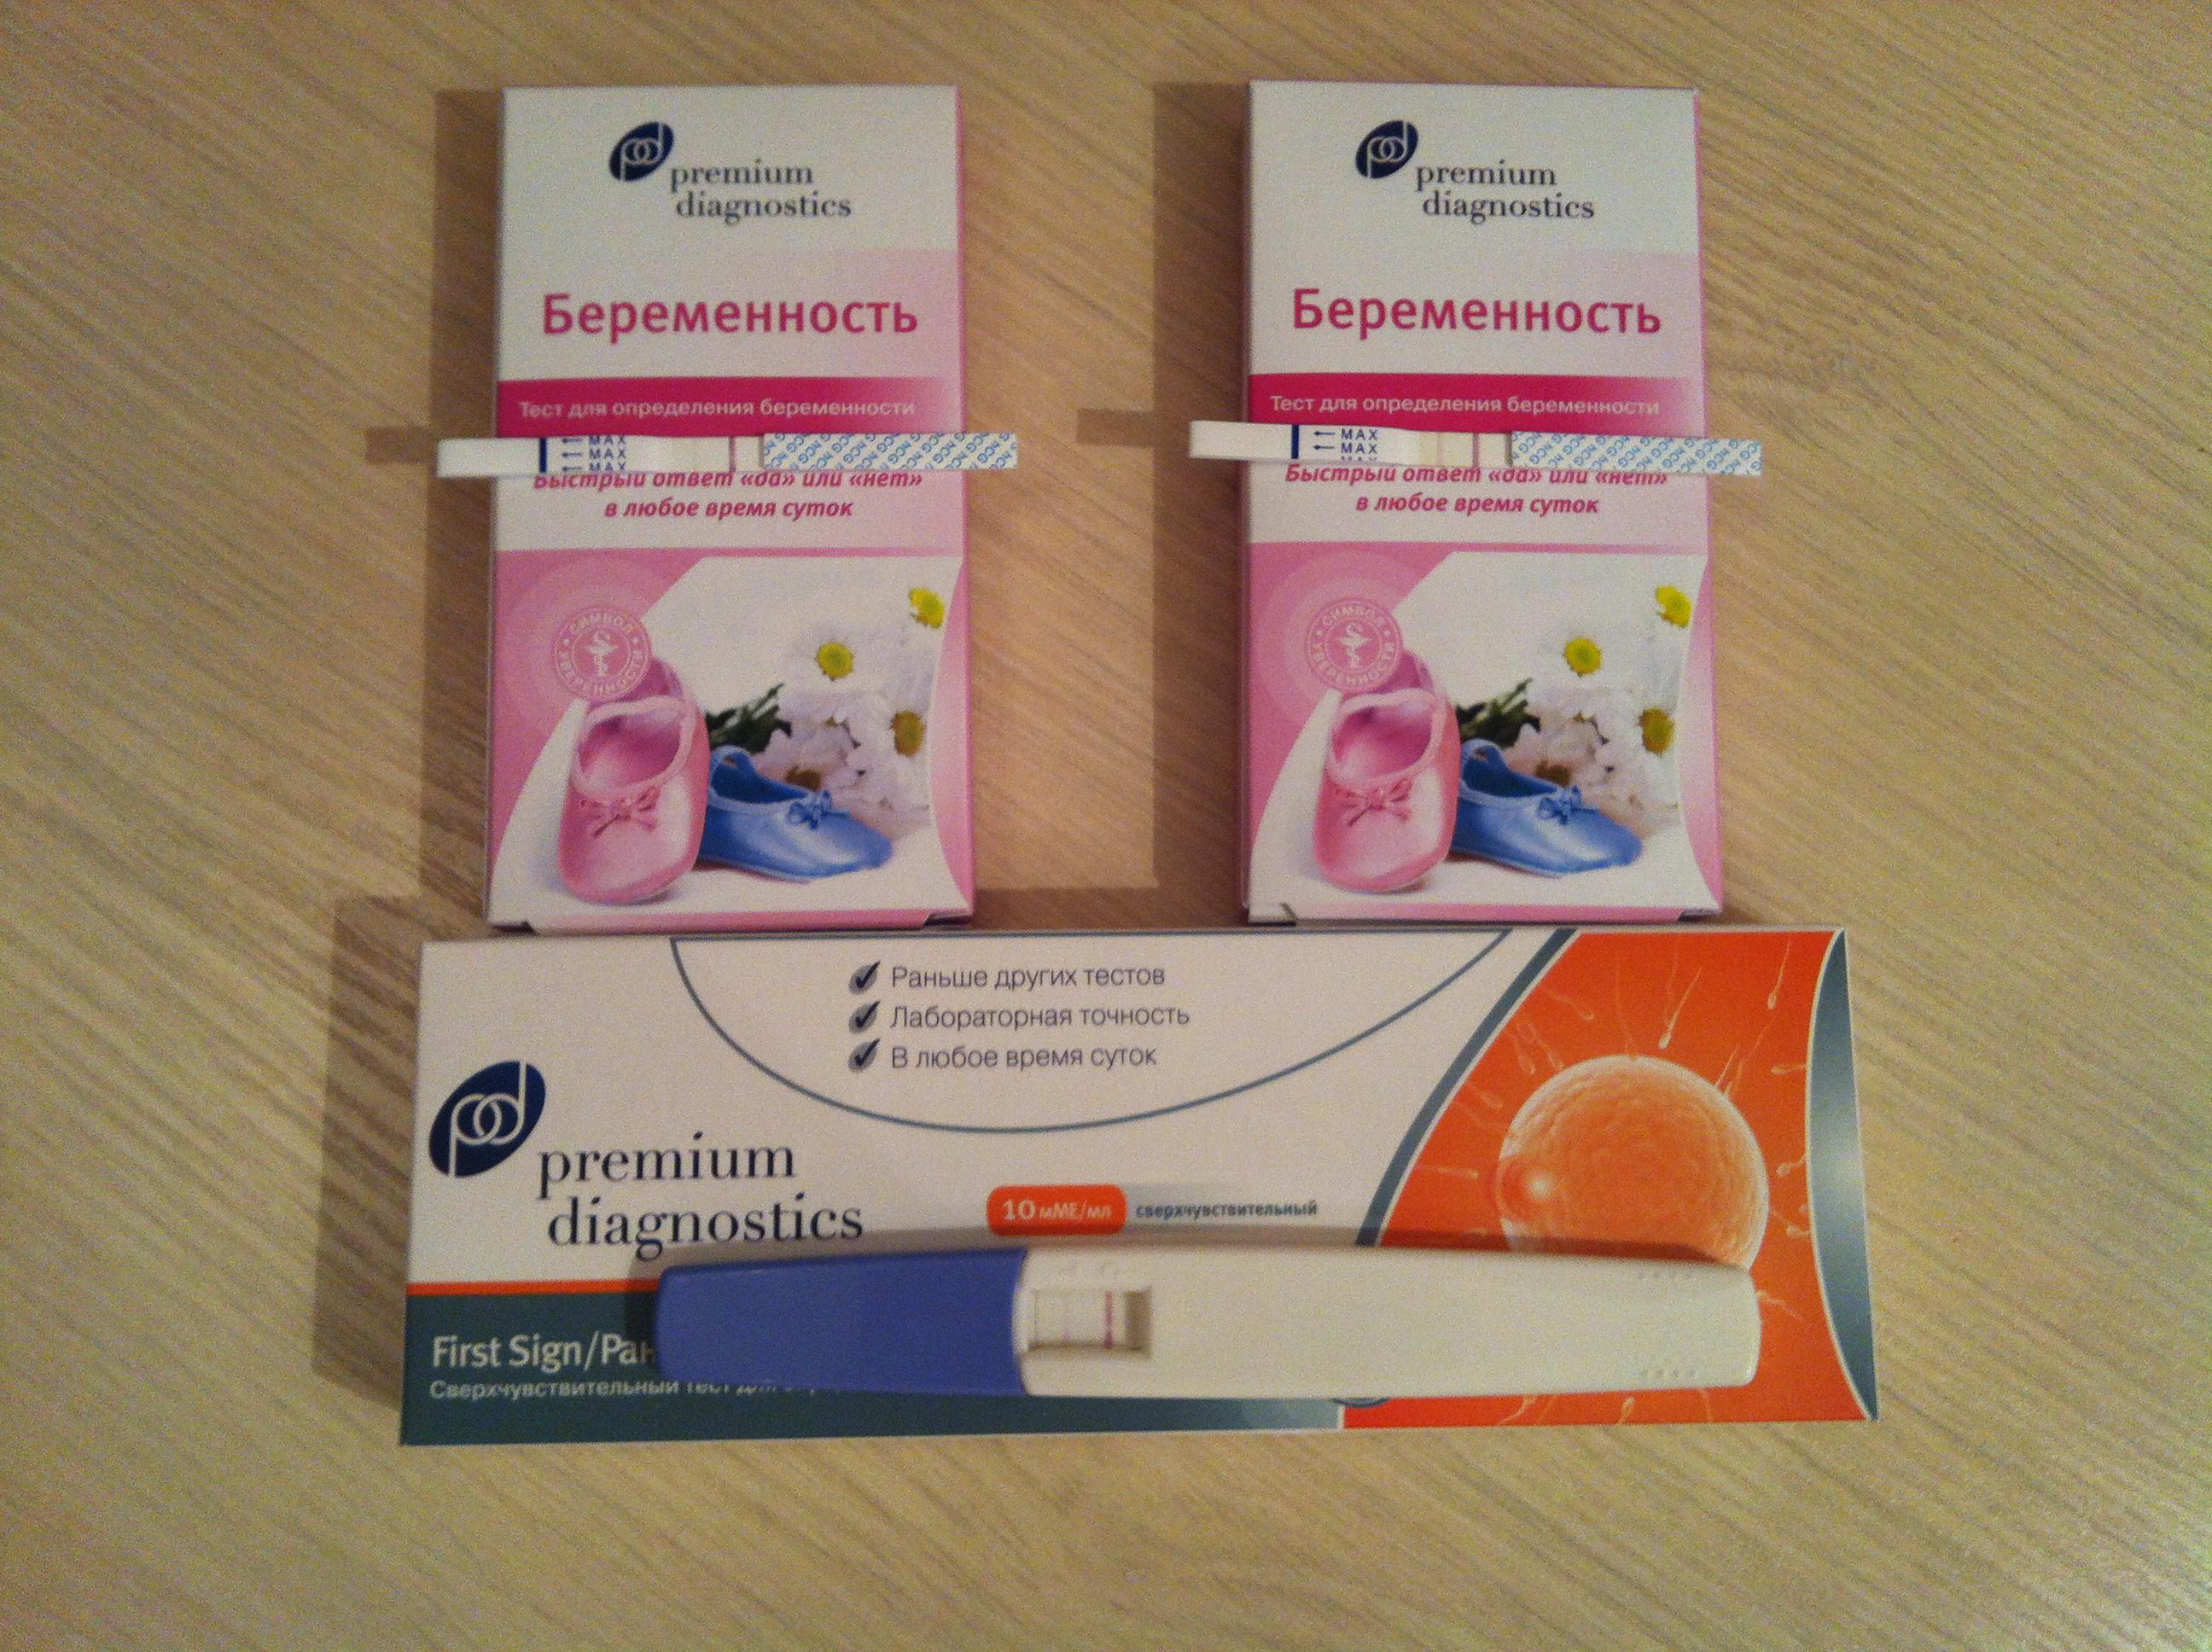 Тест на беременность премиум диагностик